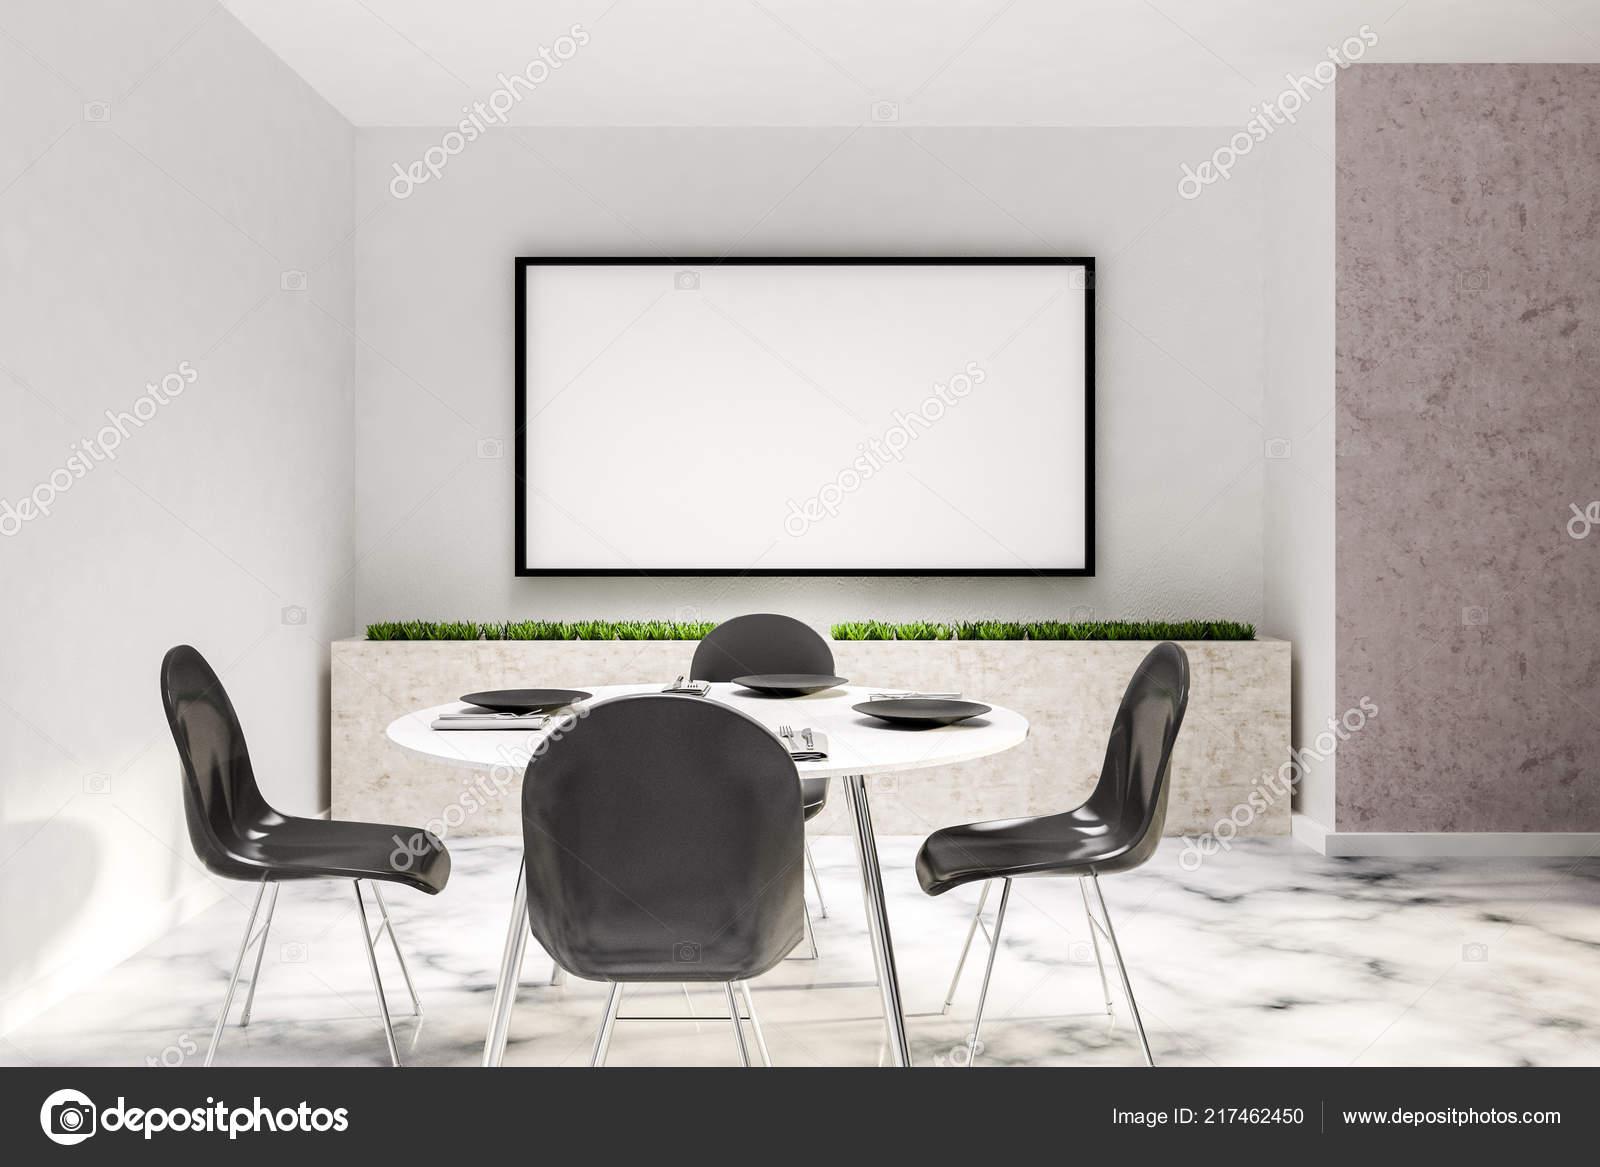 Witte Ronde Eettafel Met Stoelen.Eetkamer Wit Interieur Met Witte Marmeren Vloer Witte Ronde Tafel